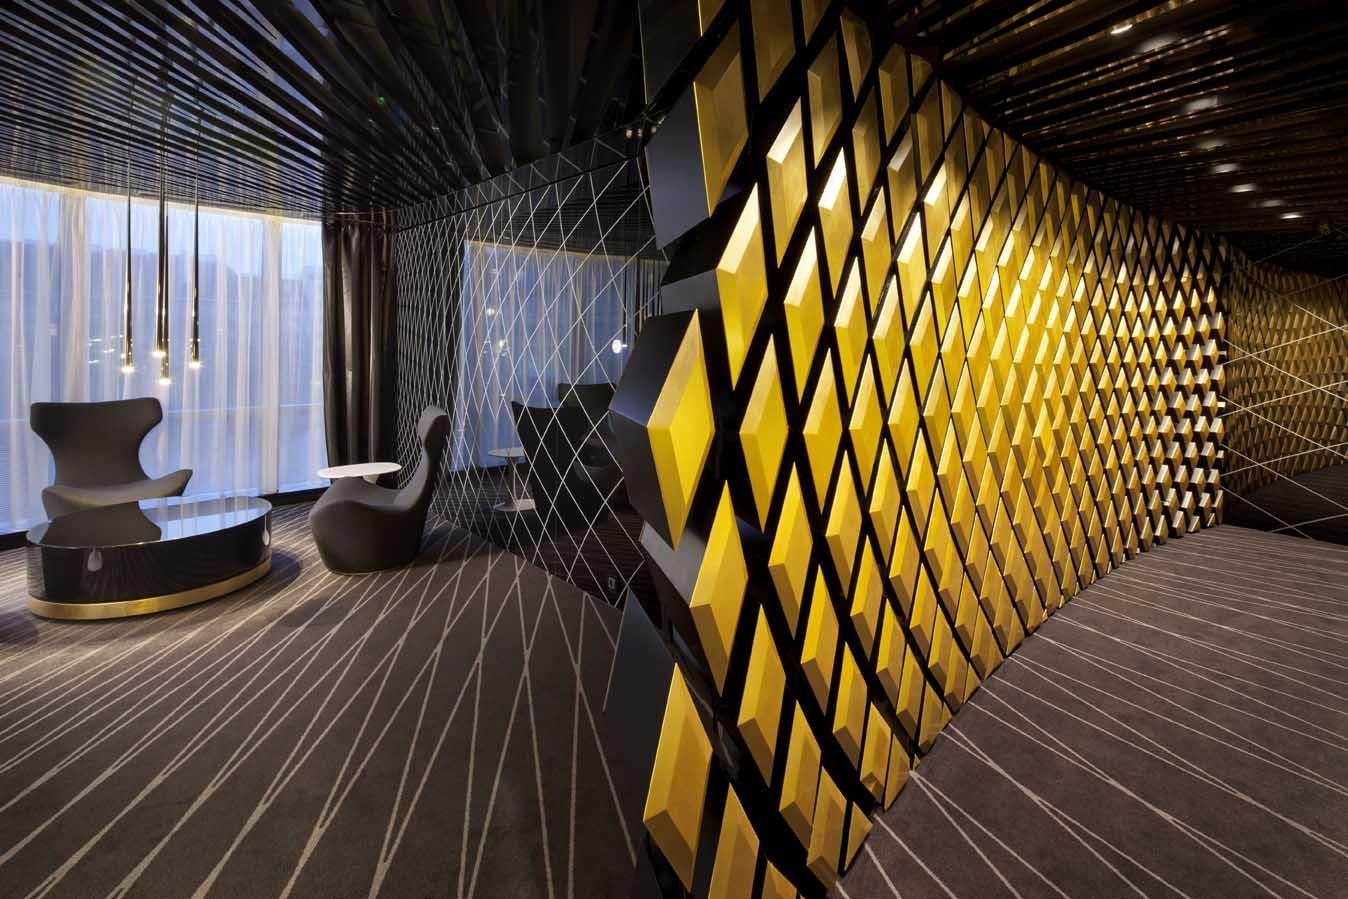 Light architecture pko bank polski for Bank designs architecture